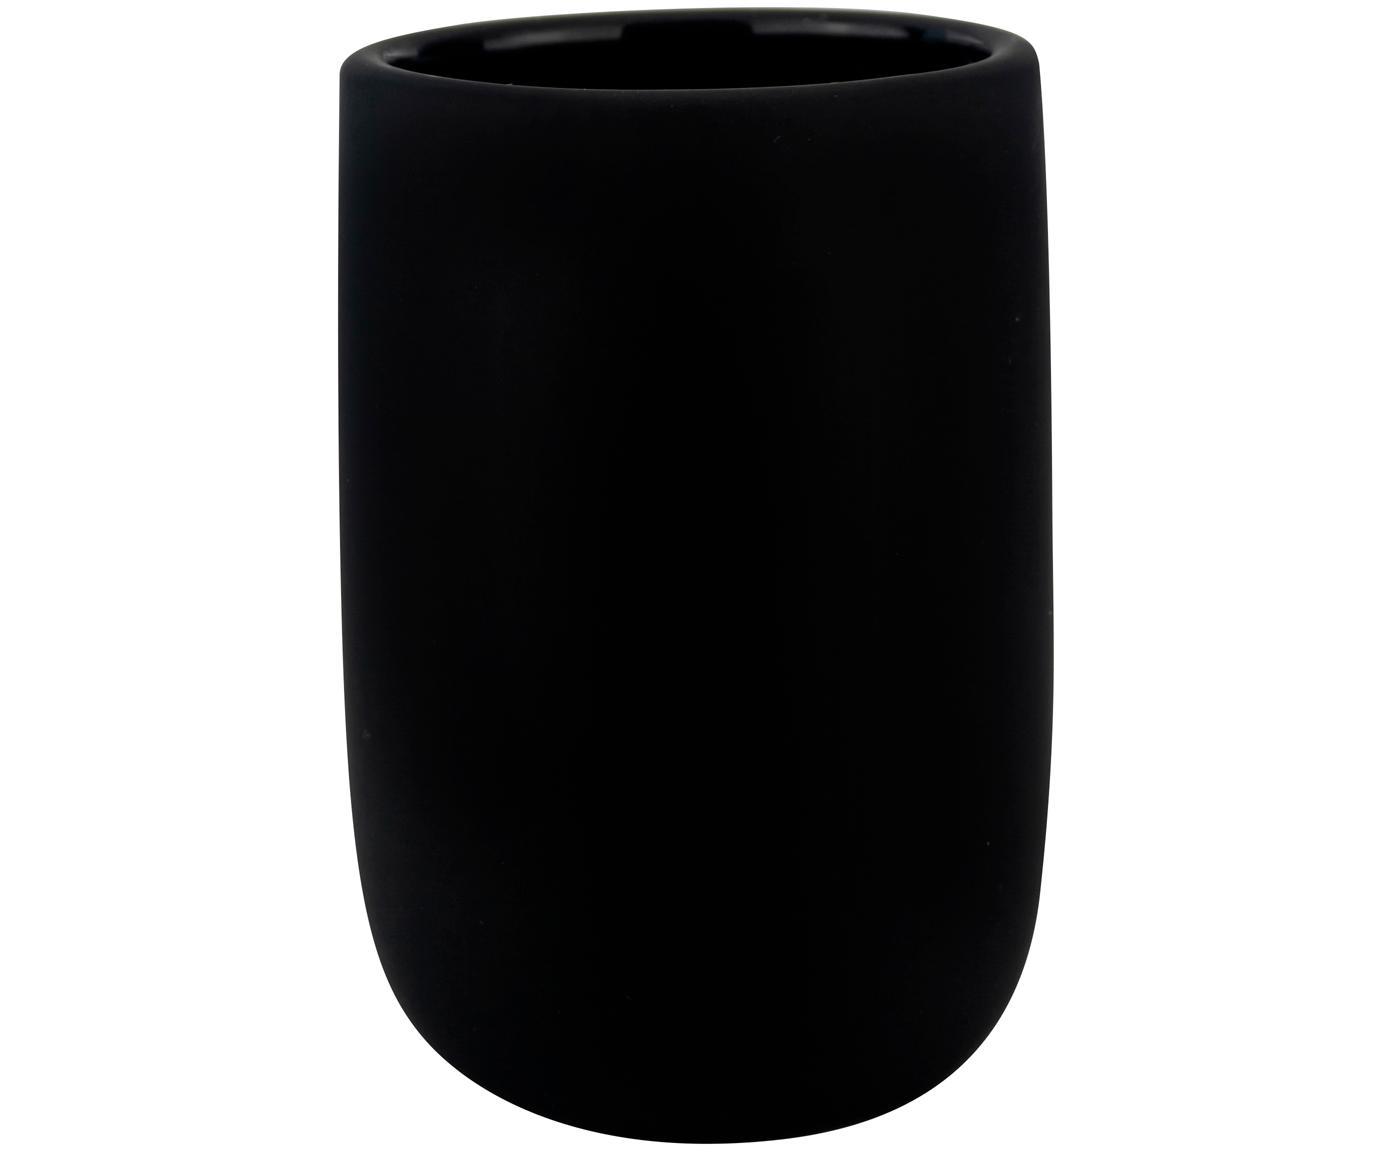 Vaso cepillo de dientes Lotus, Cerámica, Negro, Ø 7 x Al 10 cm